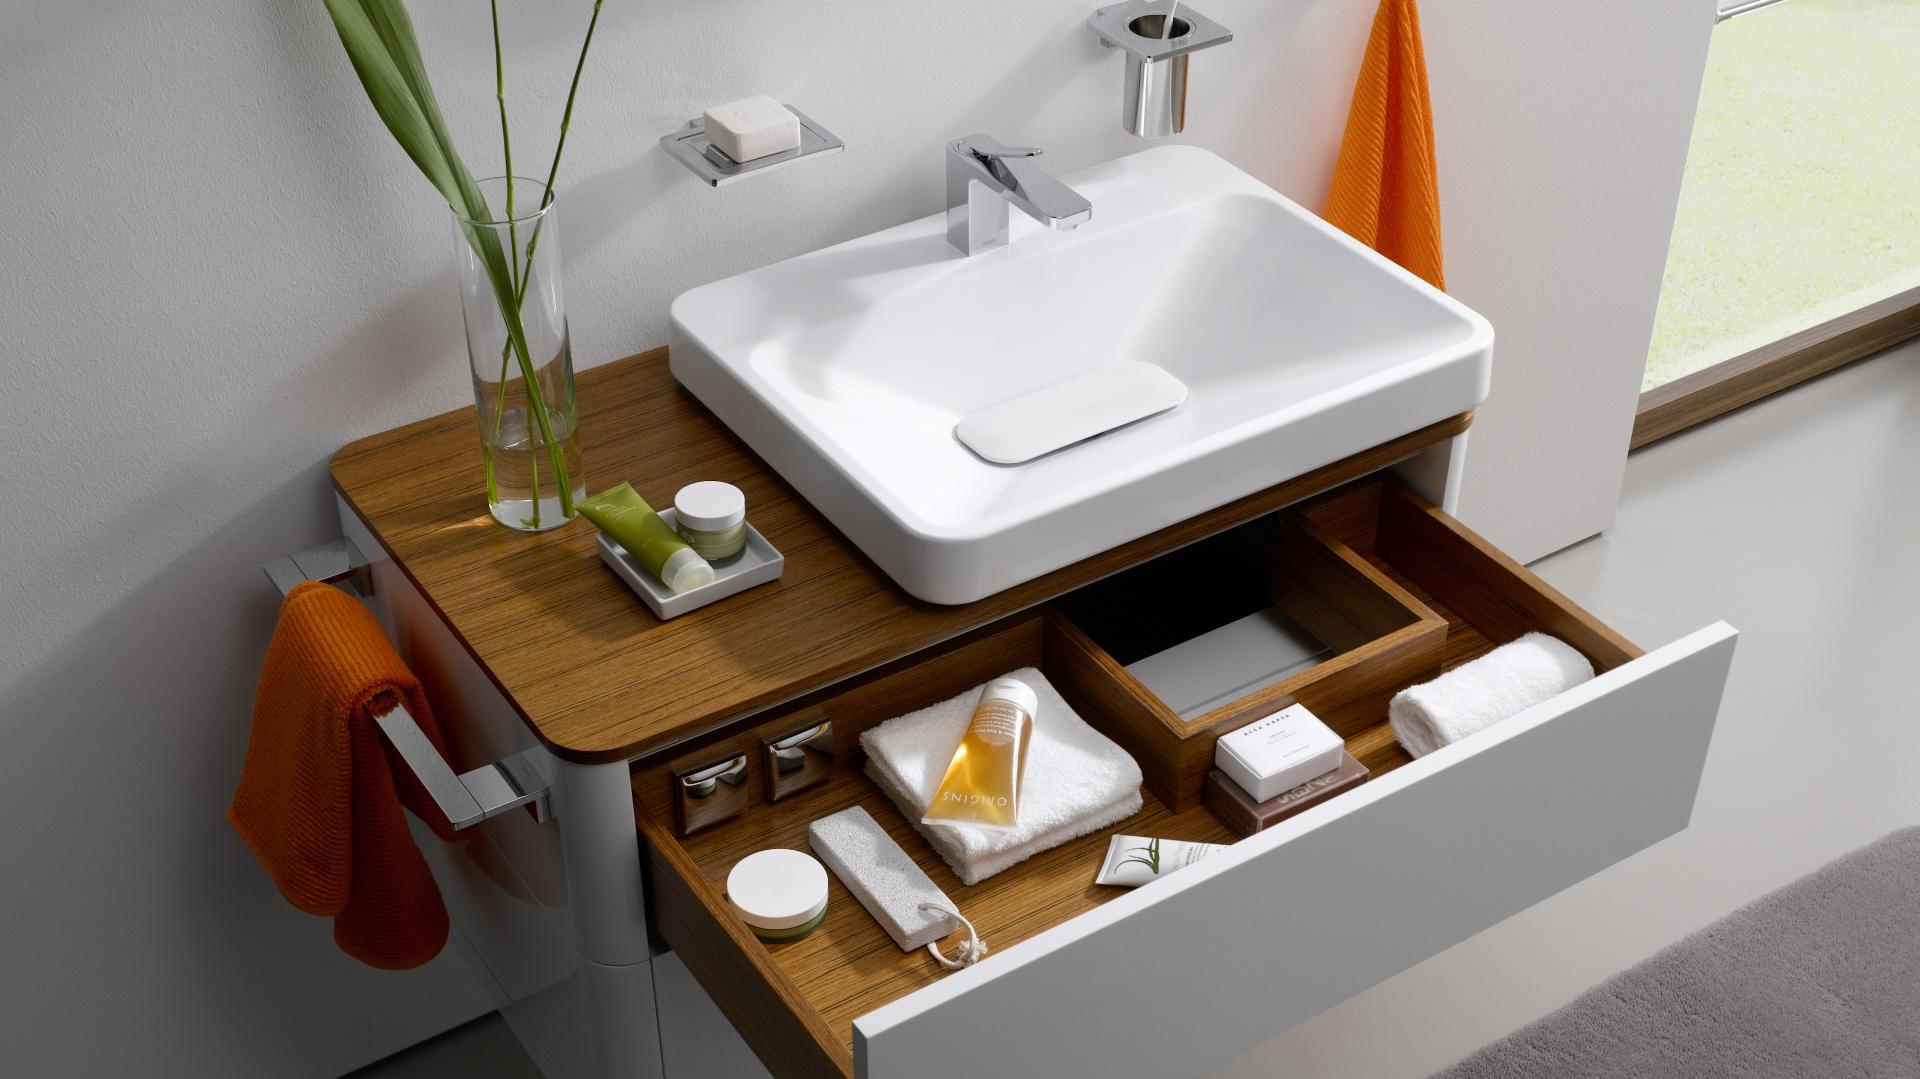 Przechowywanie W łazience 15 Praktycznych Pomysłów